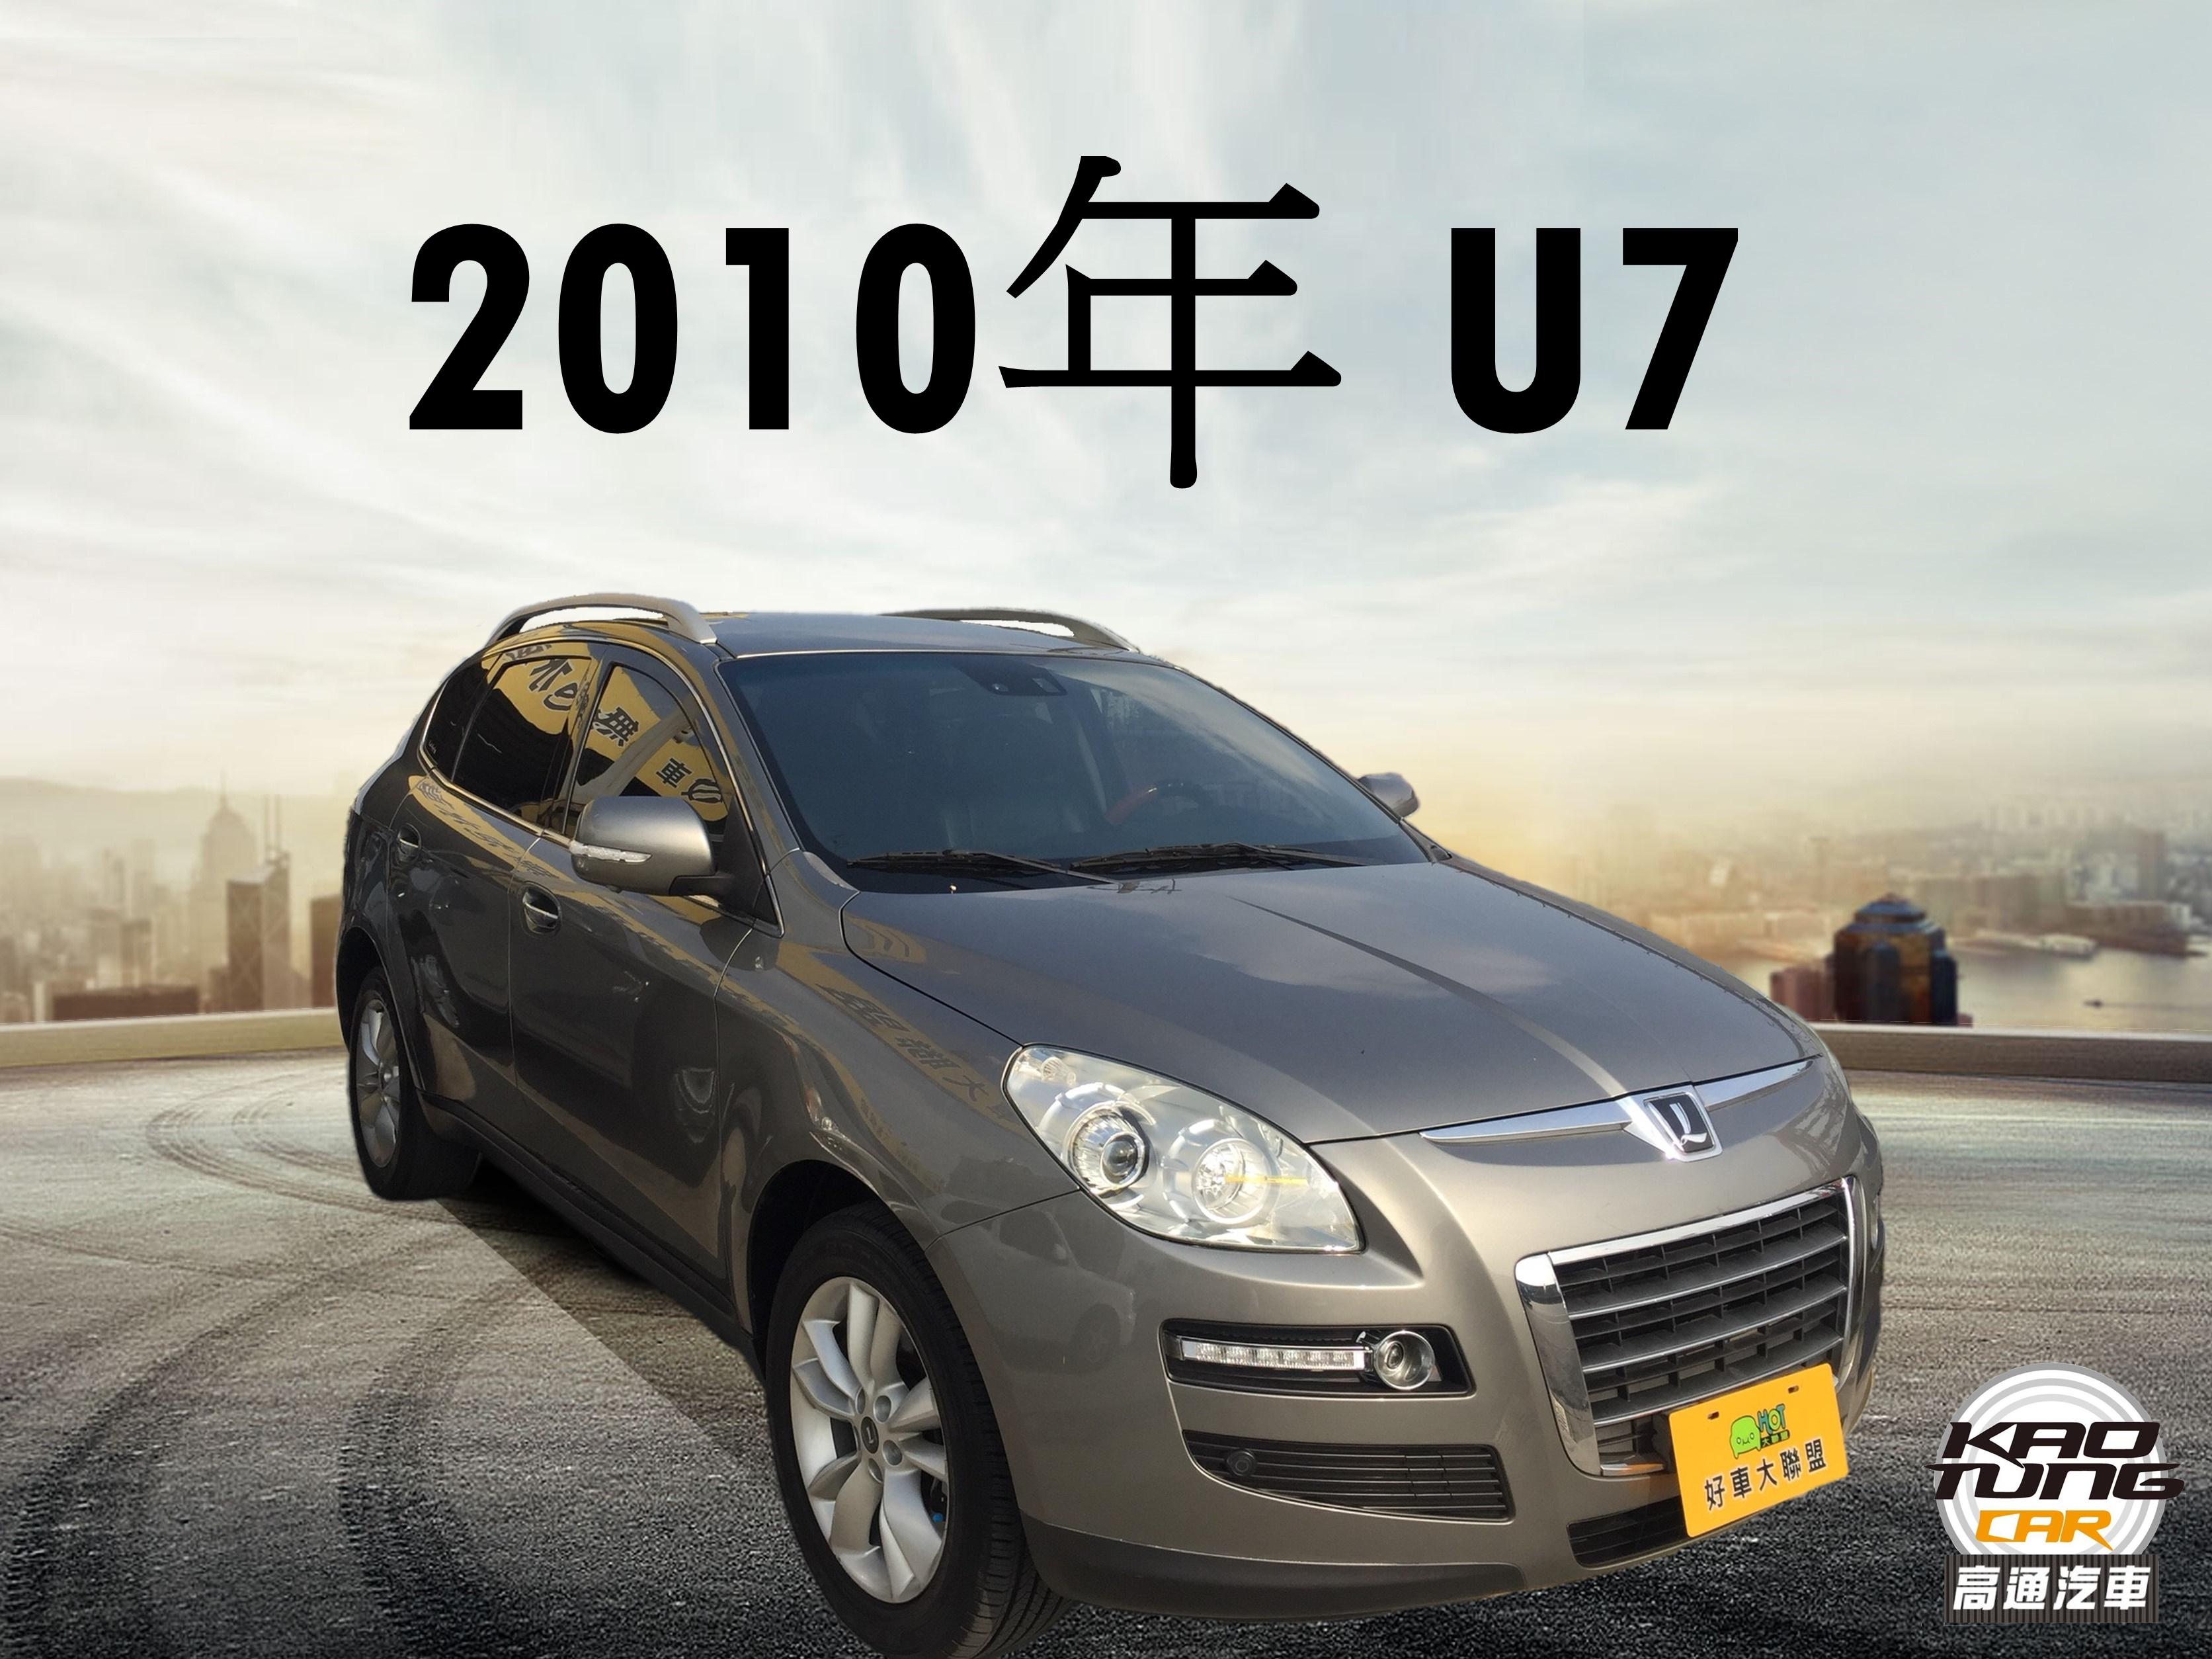 2010 Luxgen 7 mpv